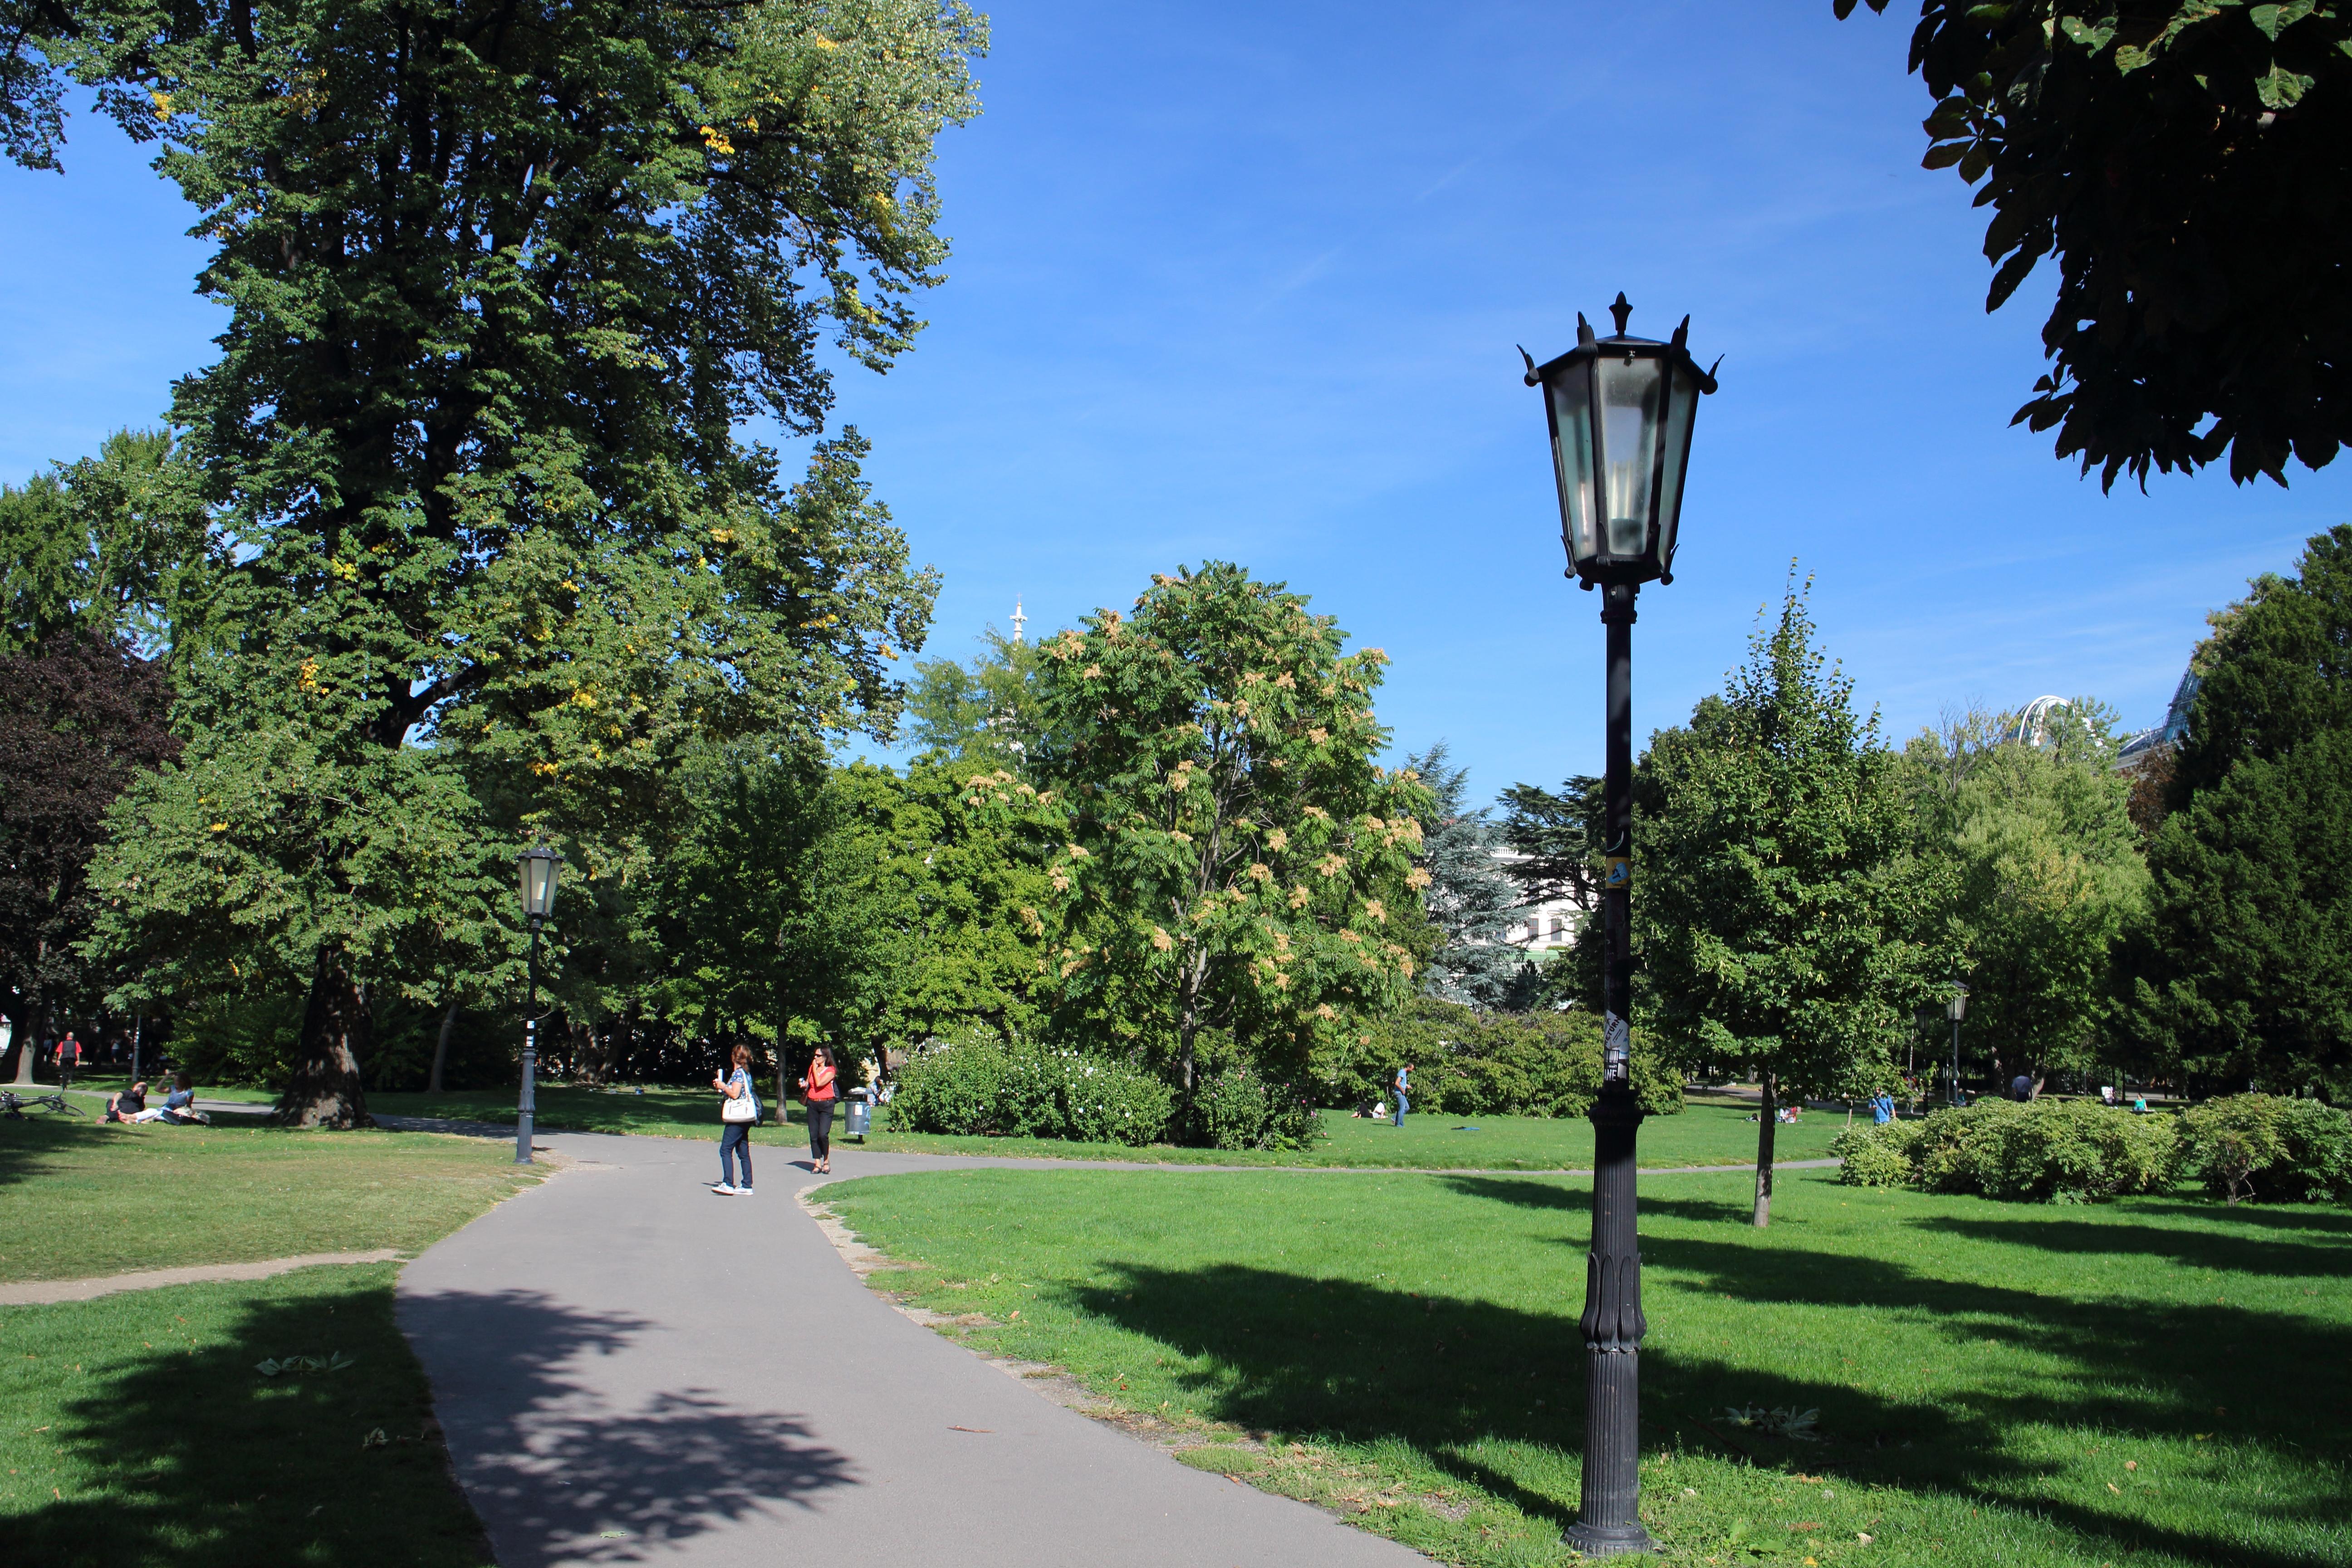 そぞろ歩きも楽しいウィーン(美術史博物館→ブルク公園→ミヒャエル教会→パレフェルステル→ショッテン教会→ヴォティーフ教会)